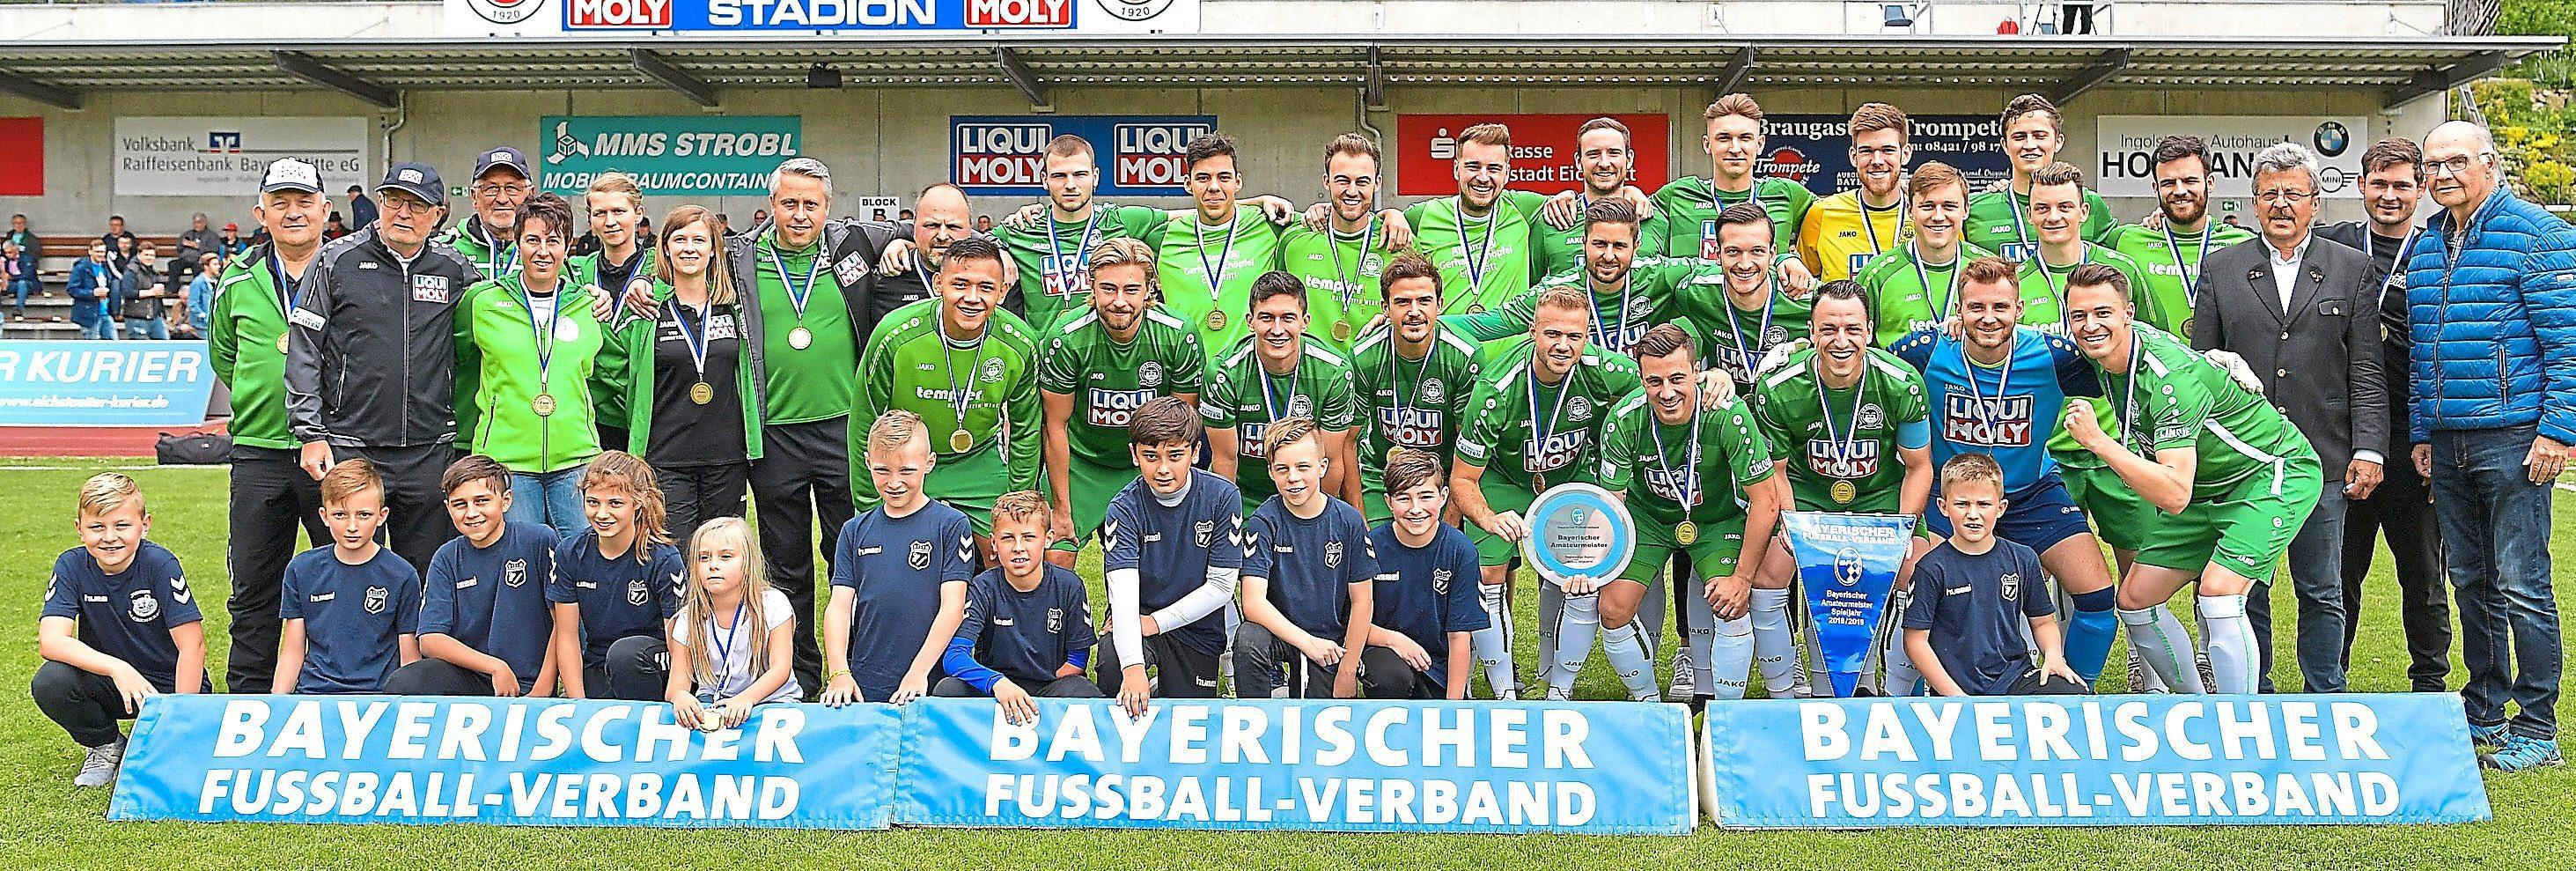 Ein großer Moment: BFV-Verbandsspielleiter Josef Janker (3. von rechts) zeichnete den VfB Eichstätt für den Gewinn der bayerischen Amateur-Meisterschaft aus. Neben der Meisterschaftsschale und dem Wimpel gab es für jeden Spieler und Betreuer eine Medaille.    Foto: Traub